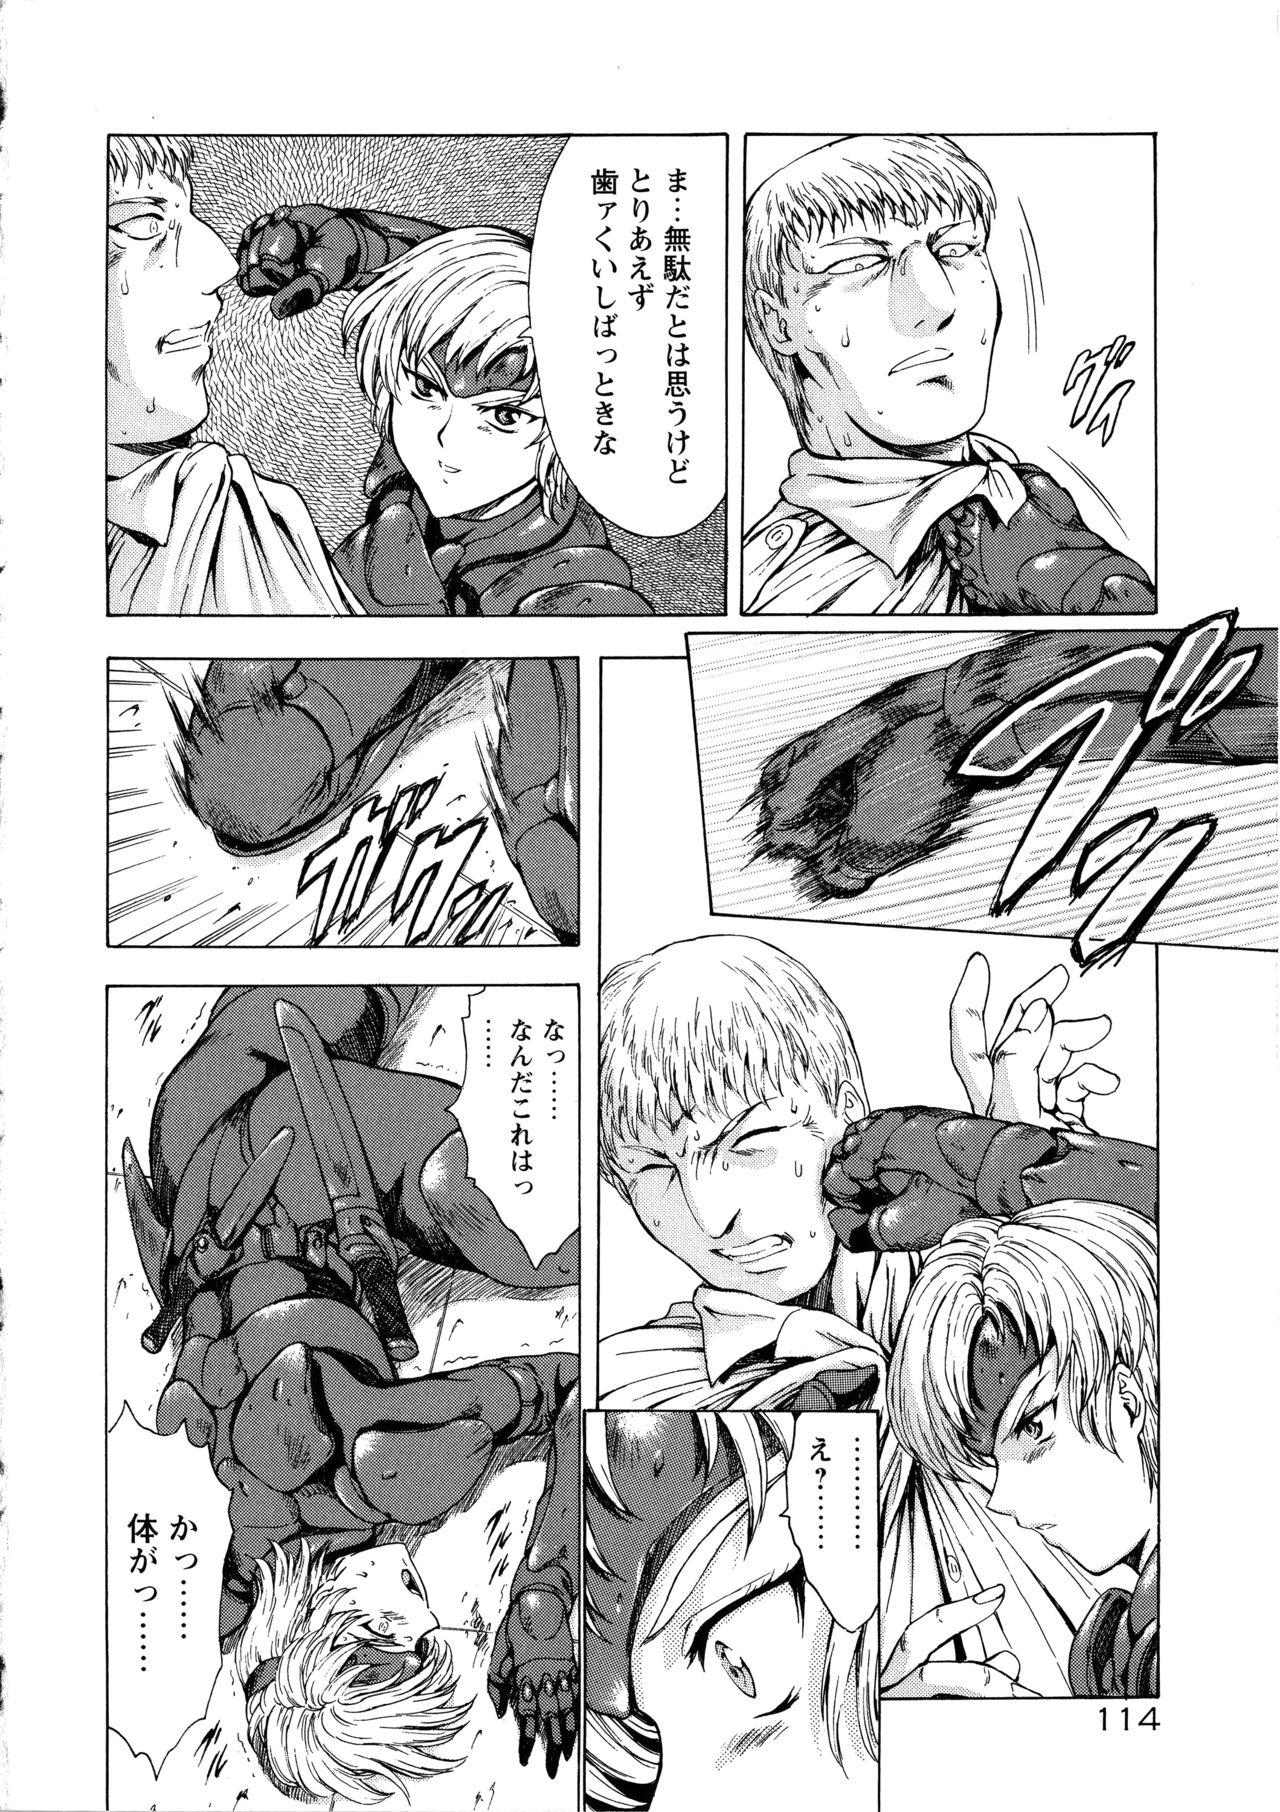 Ginryuu no Reimei Vol. 1 121